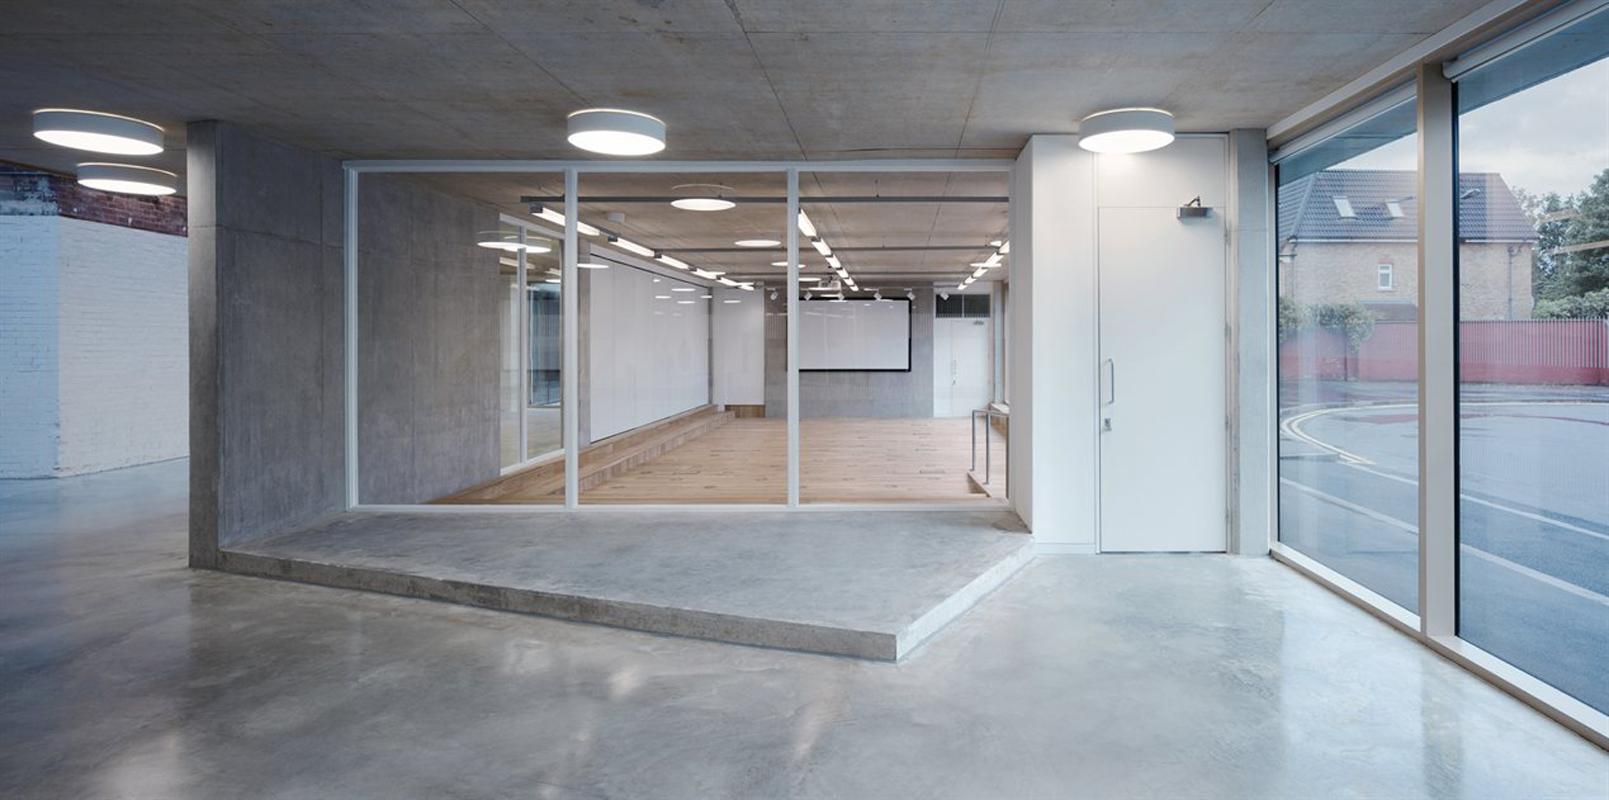 A Londra l'ex fabbrica che diventa architettura sostenibile - YouTrade Web